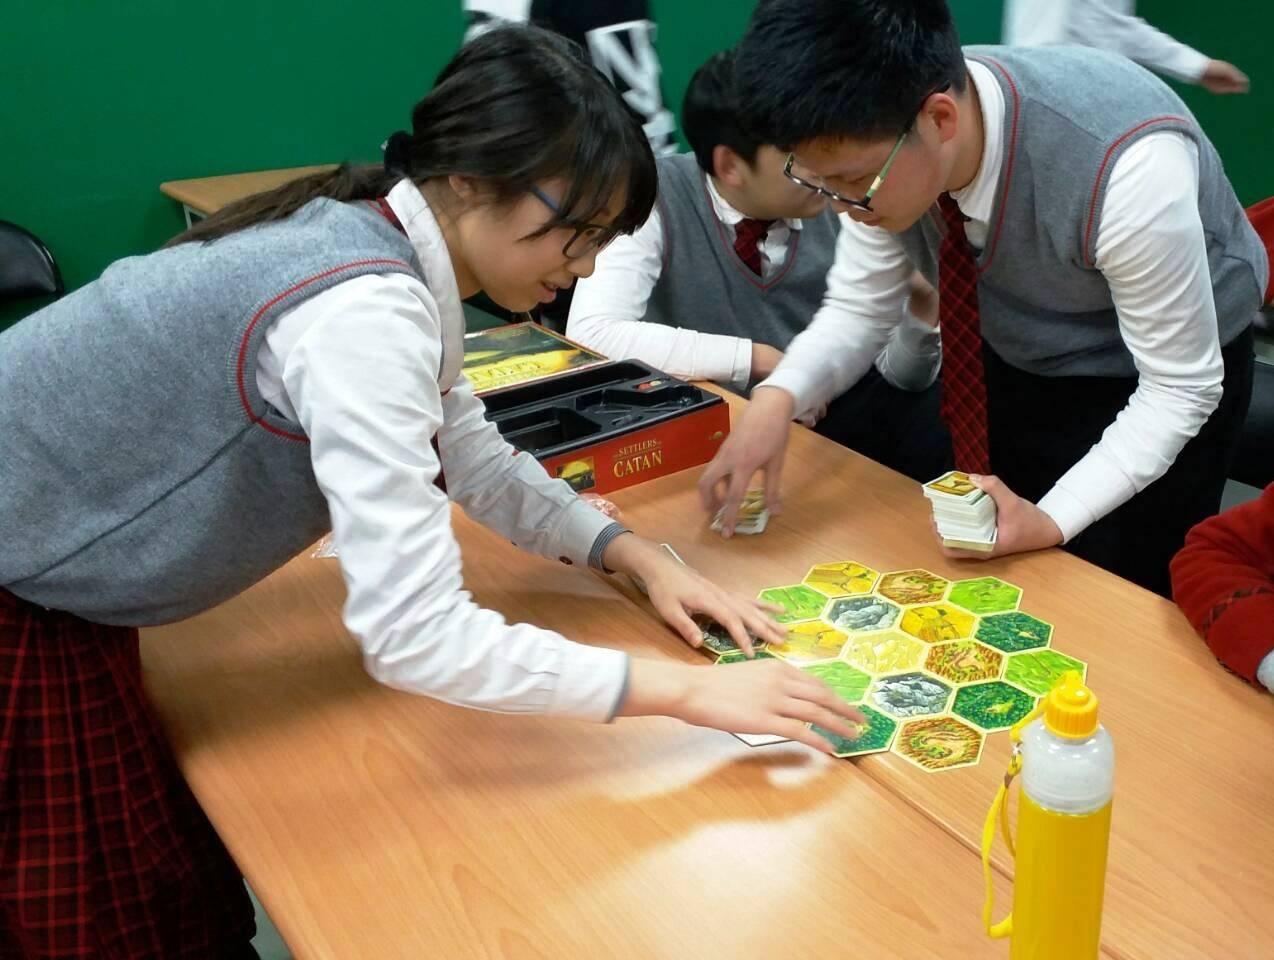 國際學校有哪些社團?台灣加拿大高中 CICT 馬術、高球、模聯樣樣來